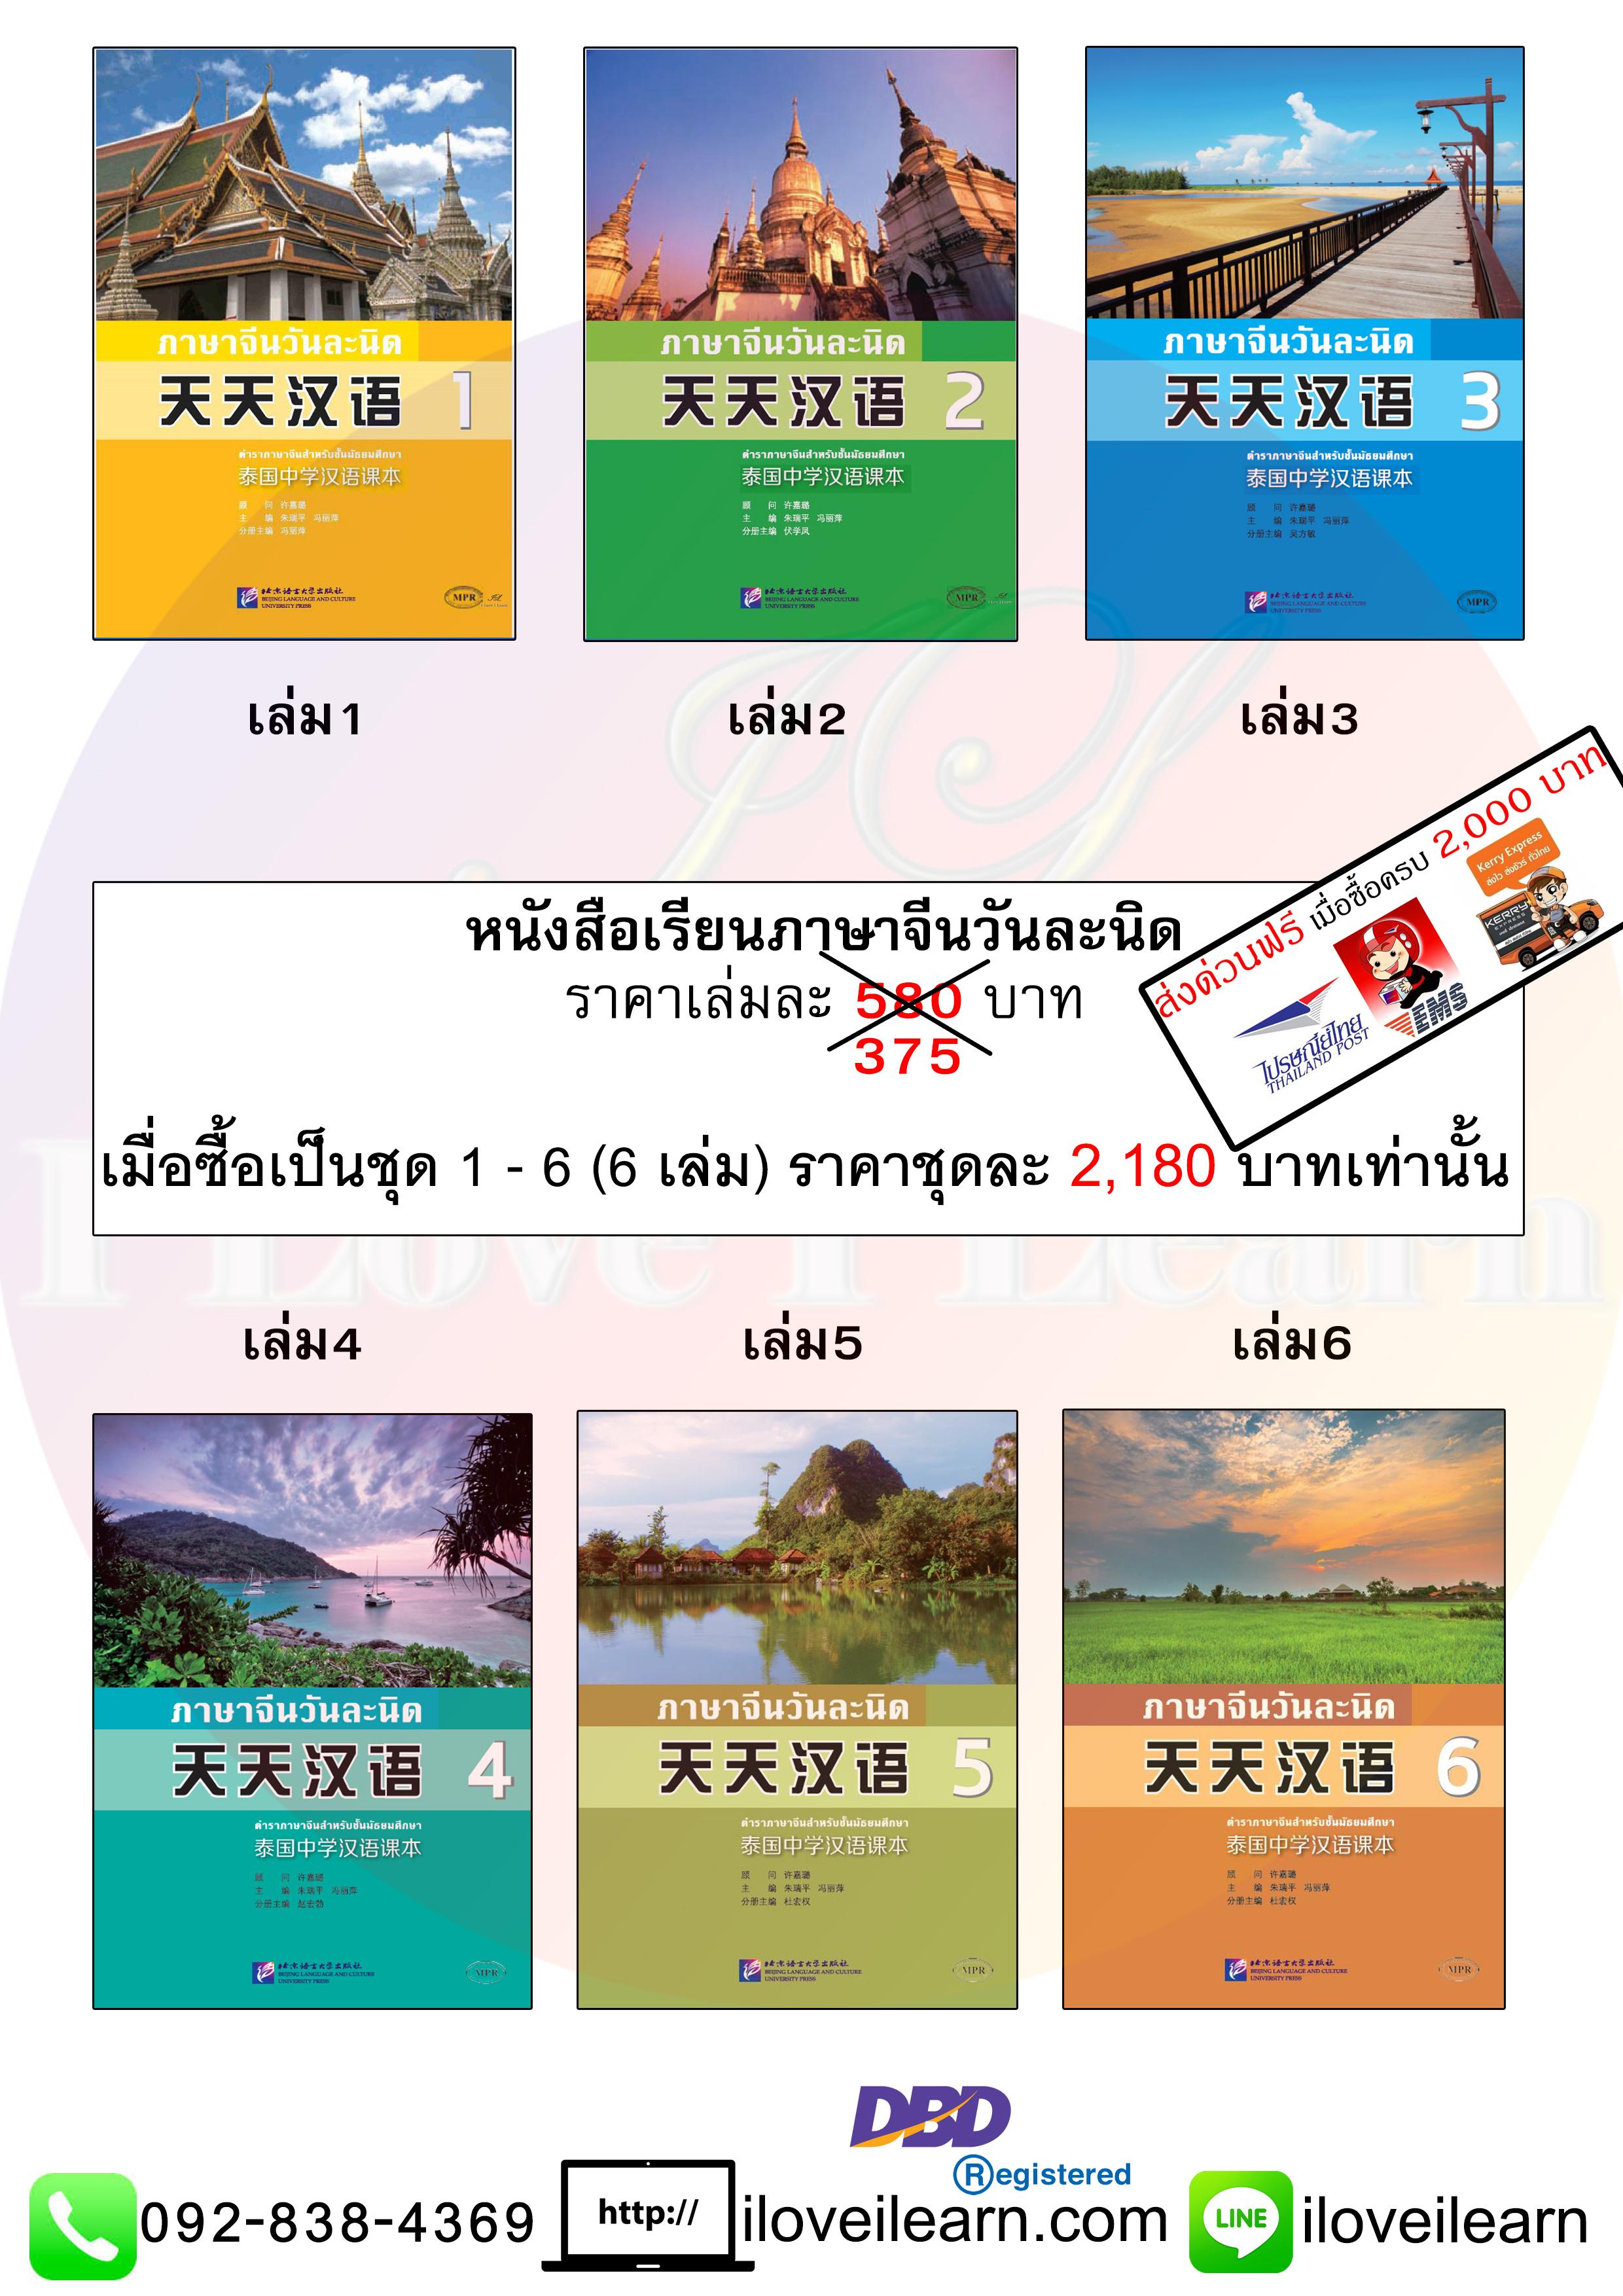 ชุดแบบเรียนภาษาจีนวันละนิด (6เล่ม/ชุด) 天天汉语——泰国中学汉语课本 +MPR